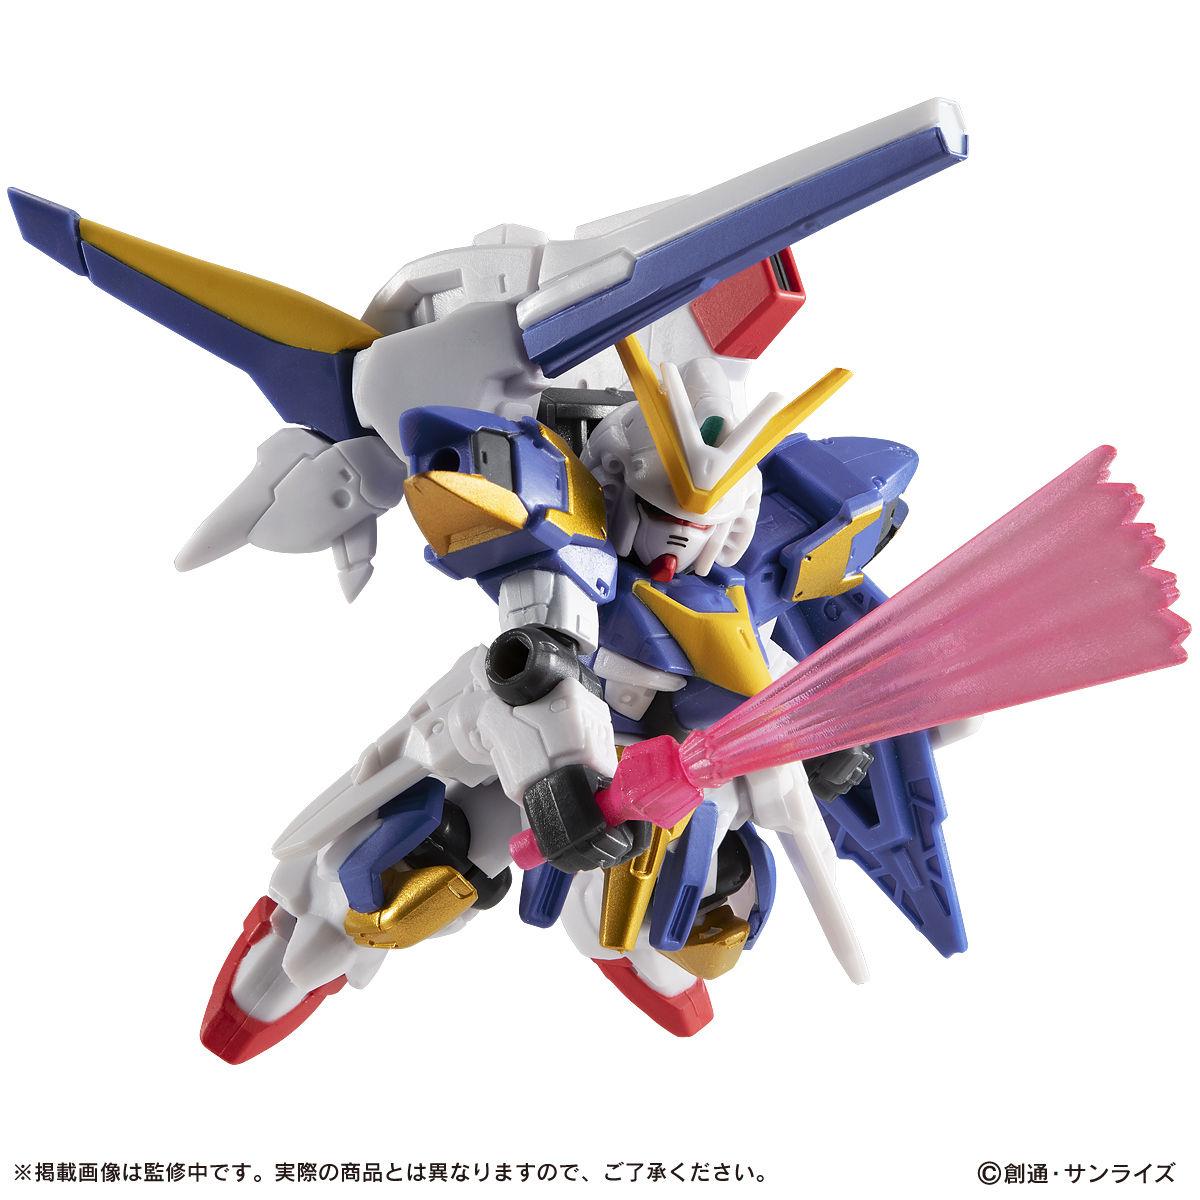 【限定販売】MOBILE SUIT ENSEMBLE『EX15 V2アサルトバスターガンダム&光の翼セット』Vガンダム 可動フィギュア-006